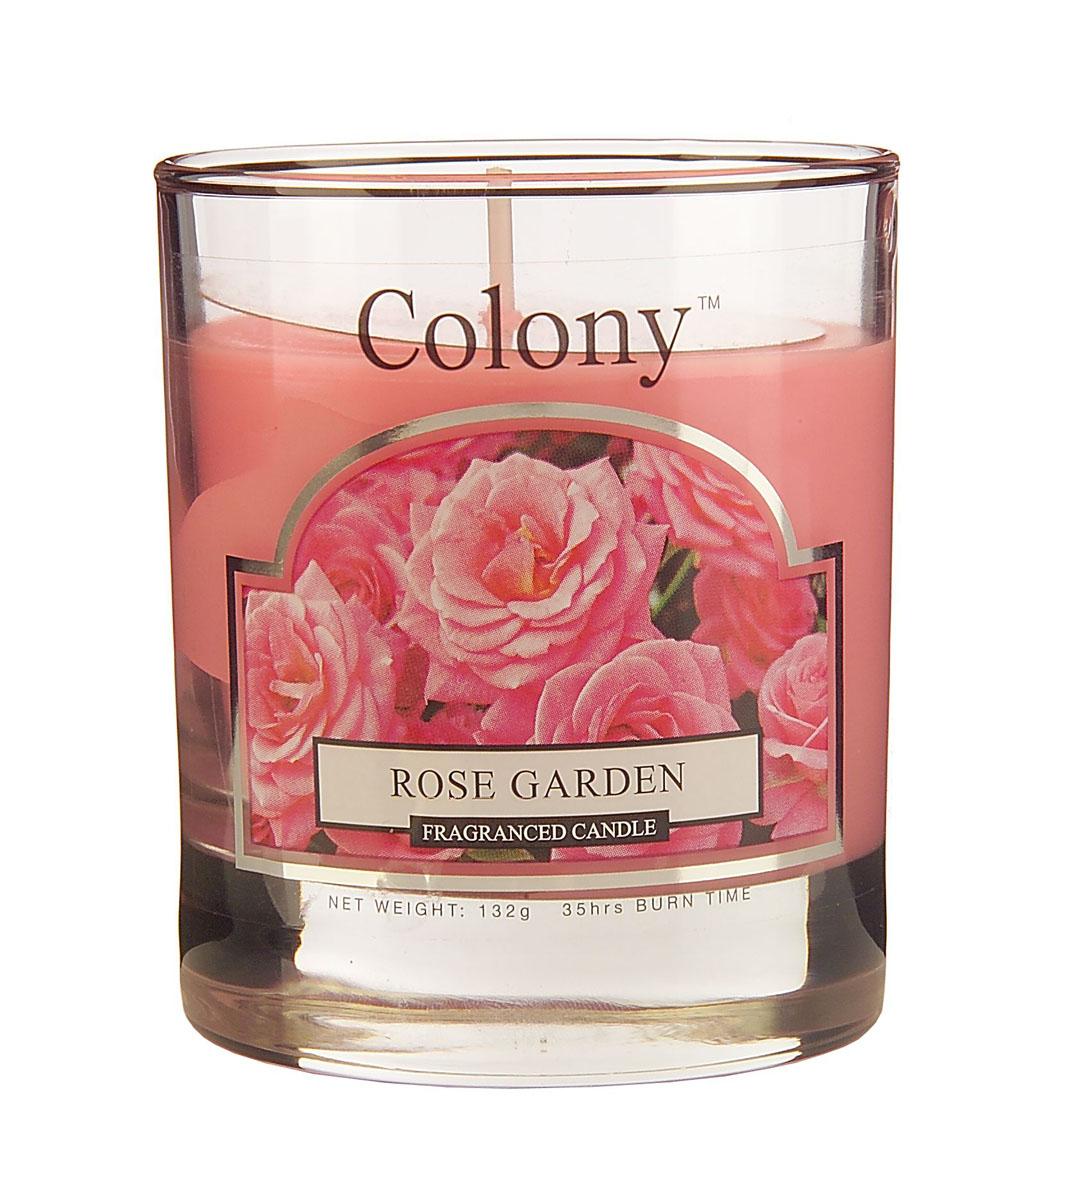 Wax Lyrical Розовый сад ароматизированная свеча в стекле малая, 35часовCH0624Узнаваемый аромат свежесрезанных роз, переплетающийся с нотками гардении